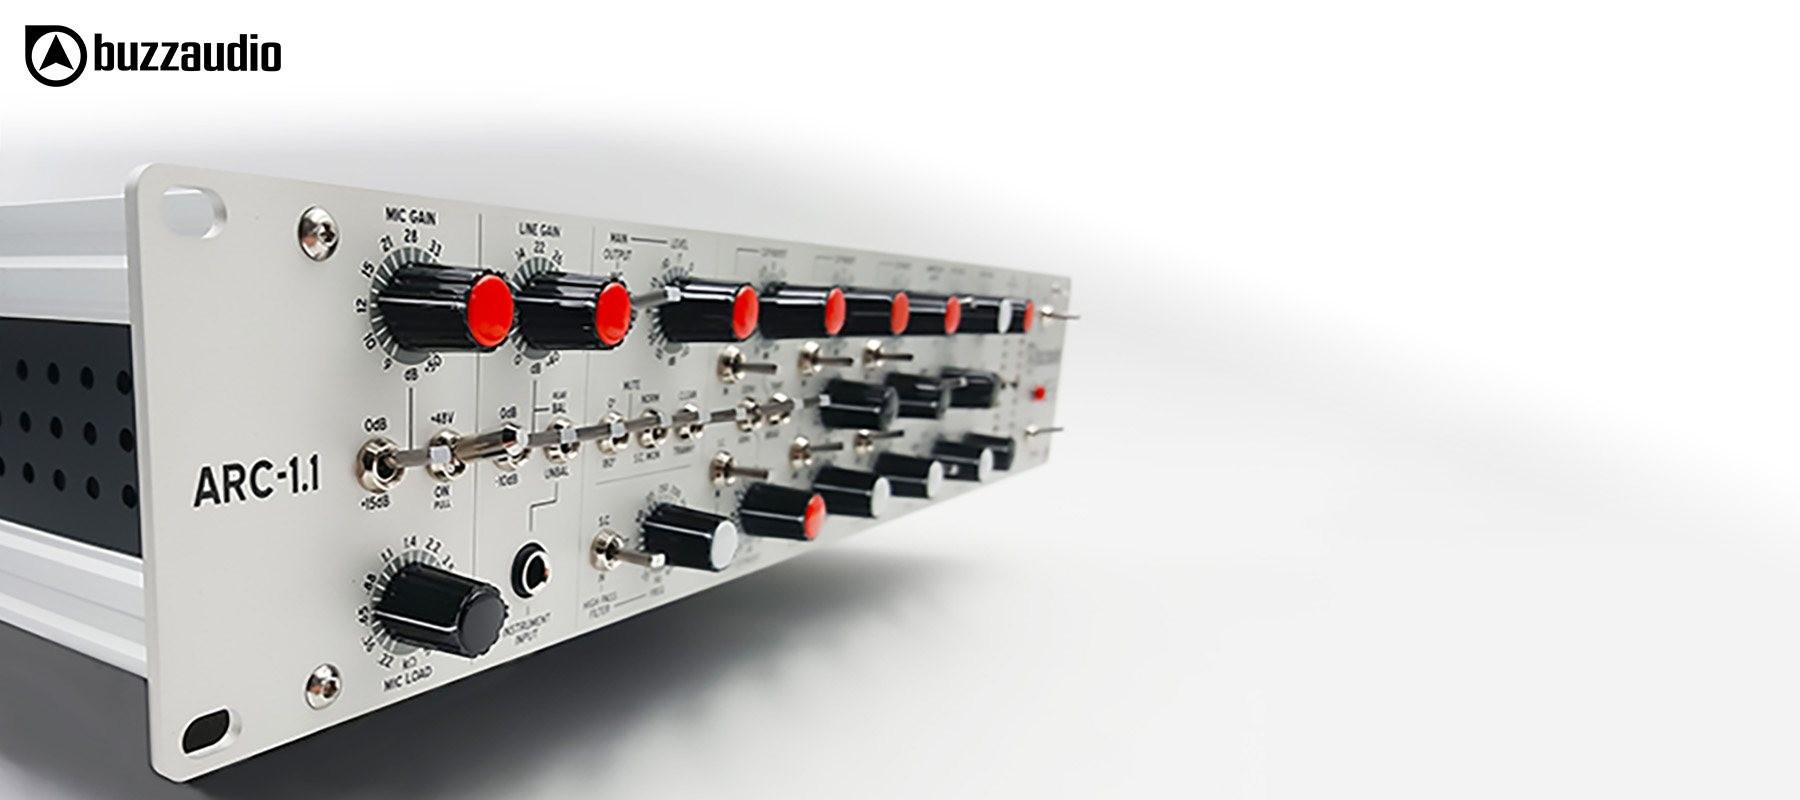 Buzz Audio ARC-1.1 - Left